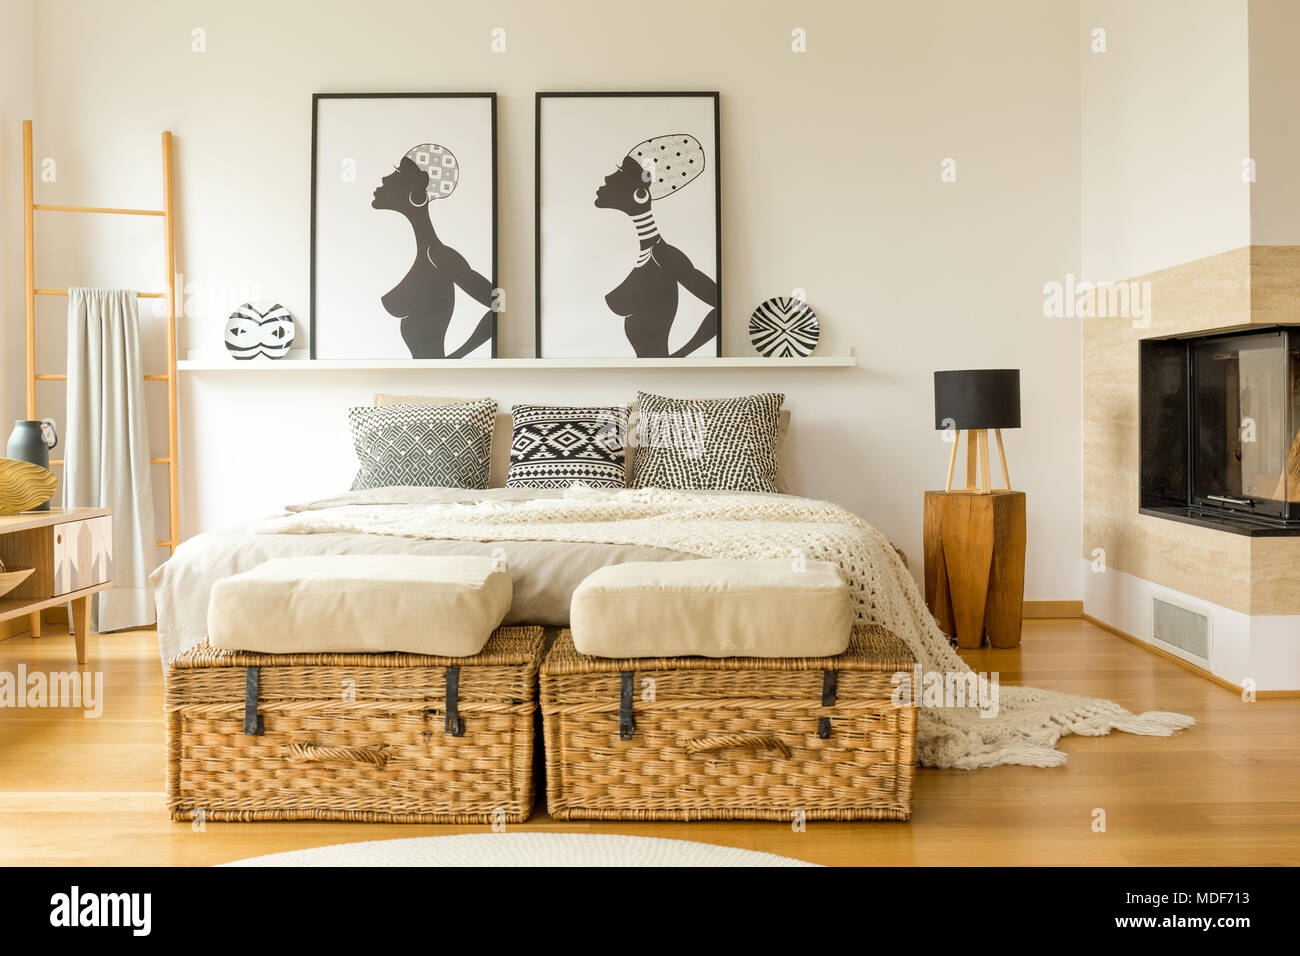 Afrikanische Plakate, wicker Boxen, Kamin und Doppelbett mit ...